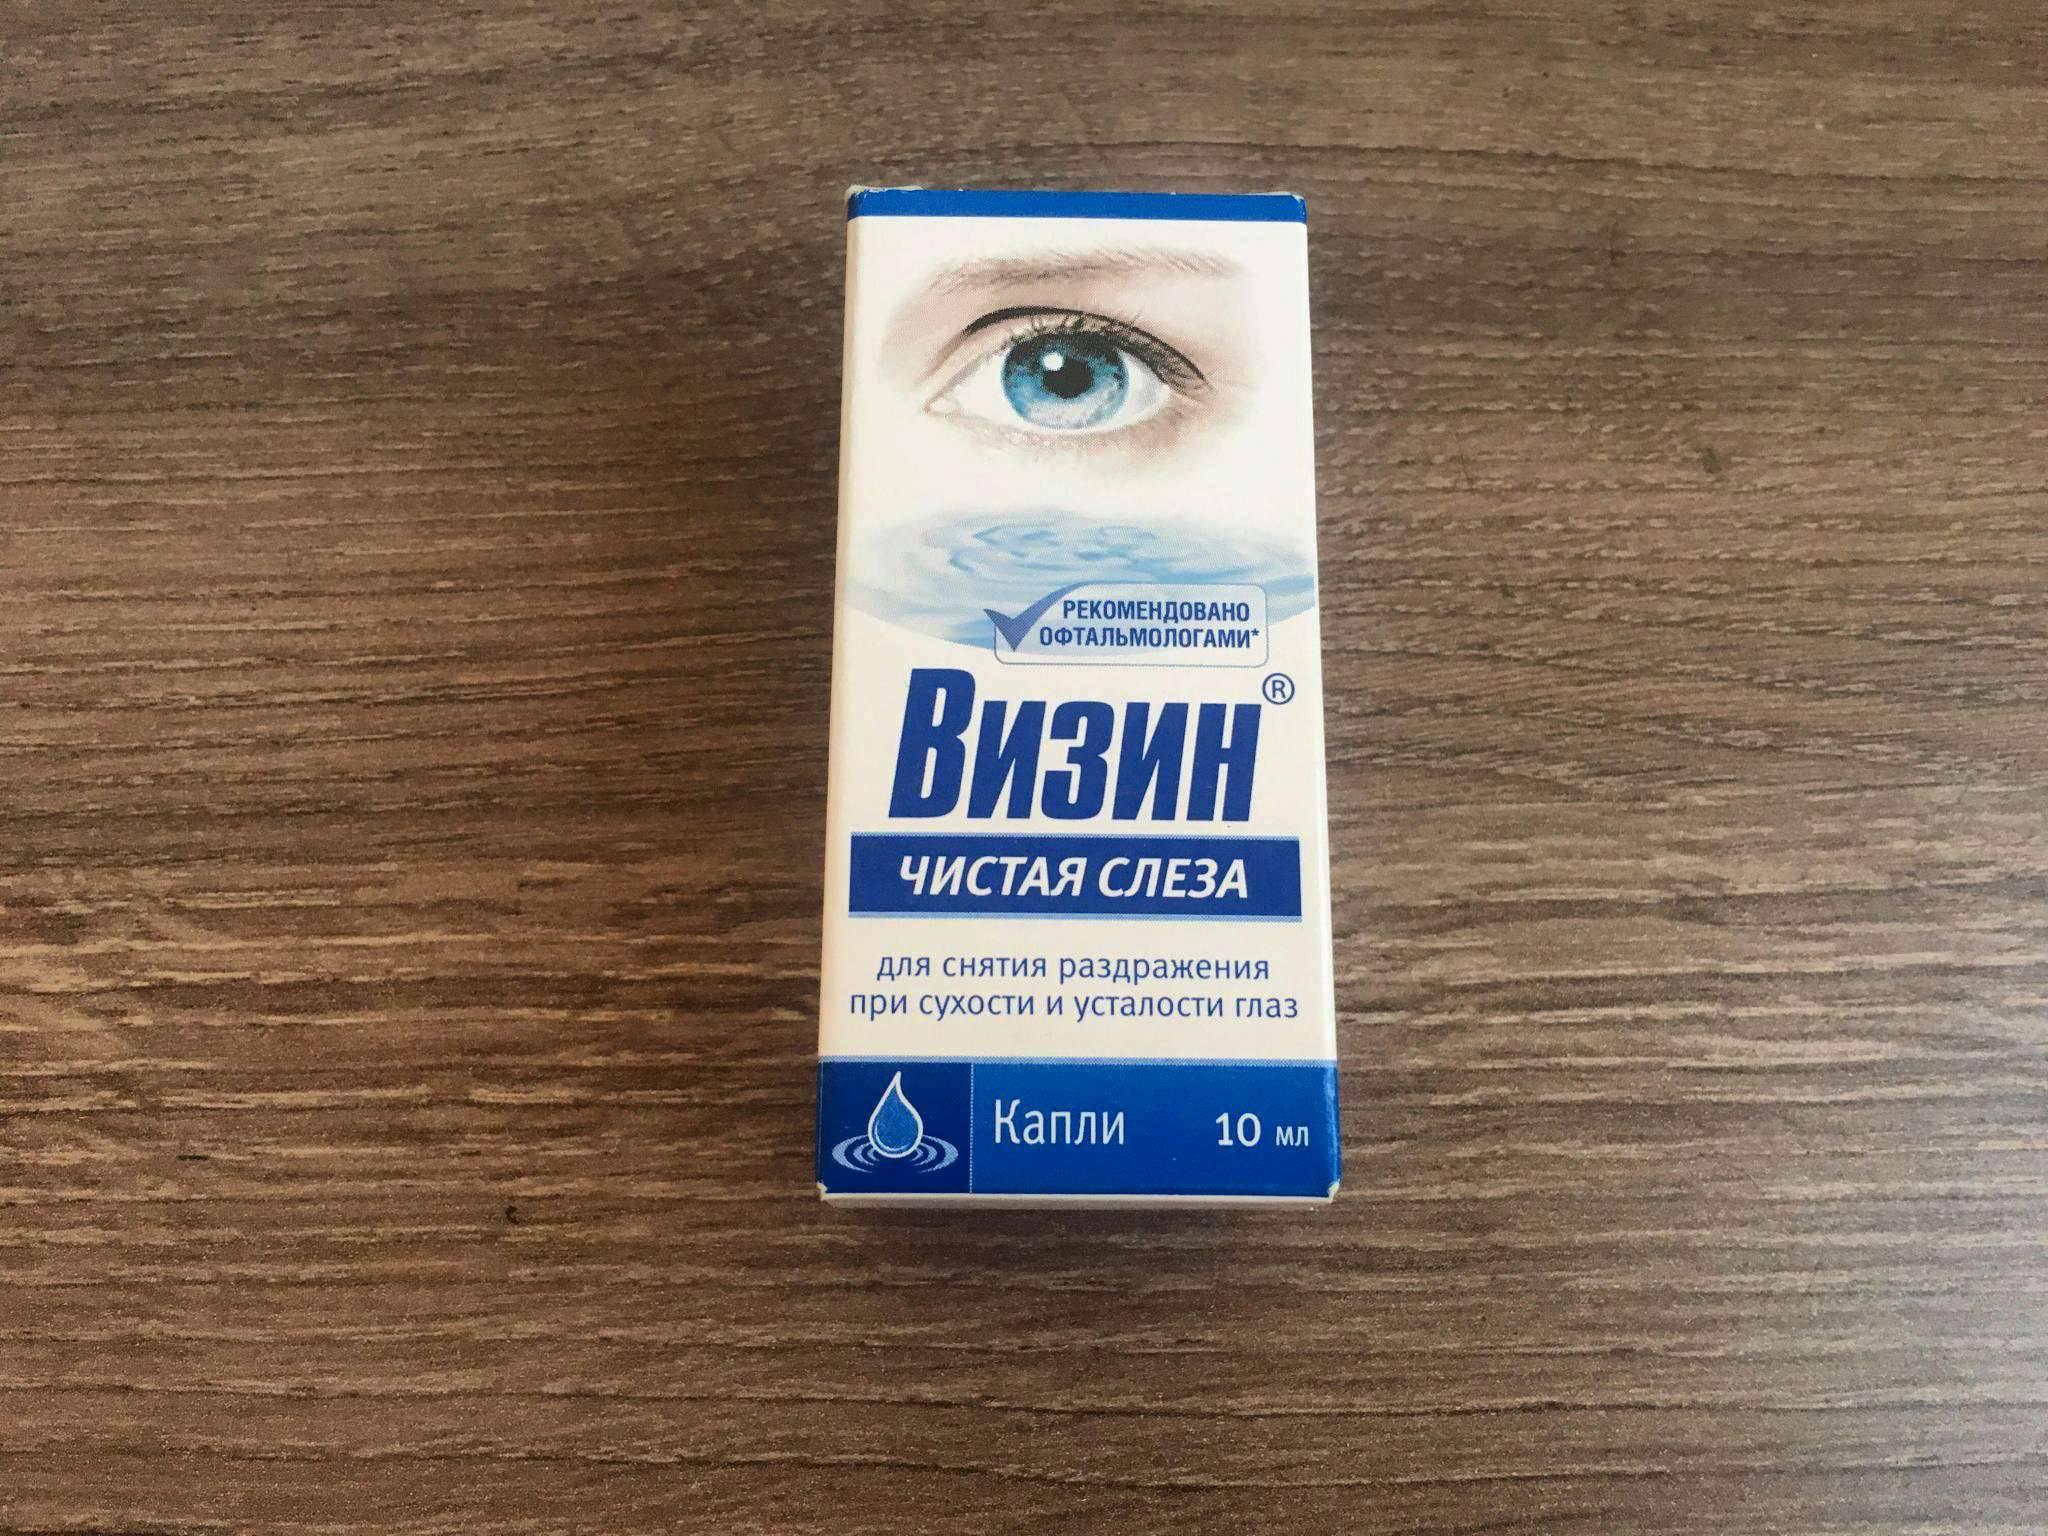 Визинчистая слеза — препарат для глаз. цена, инструкции, отзывы, аналоги